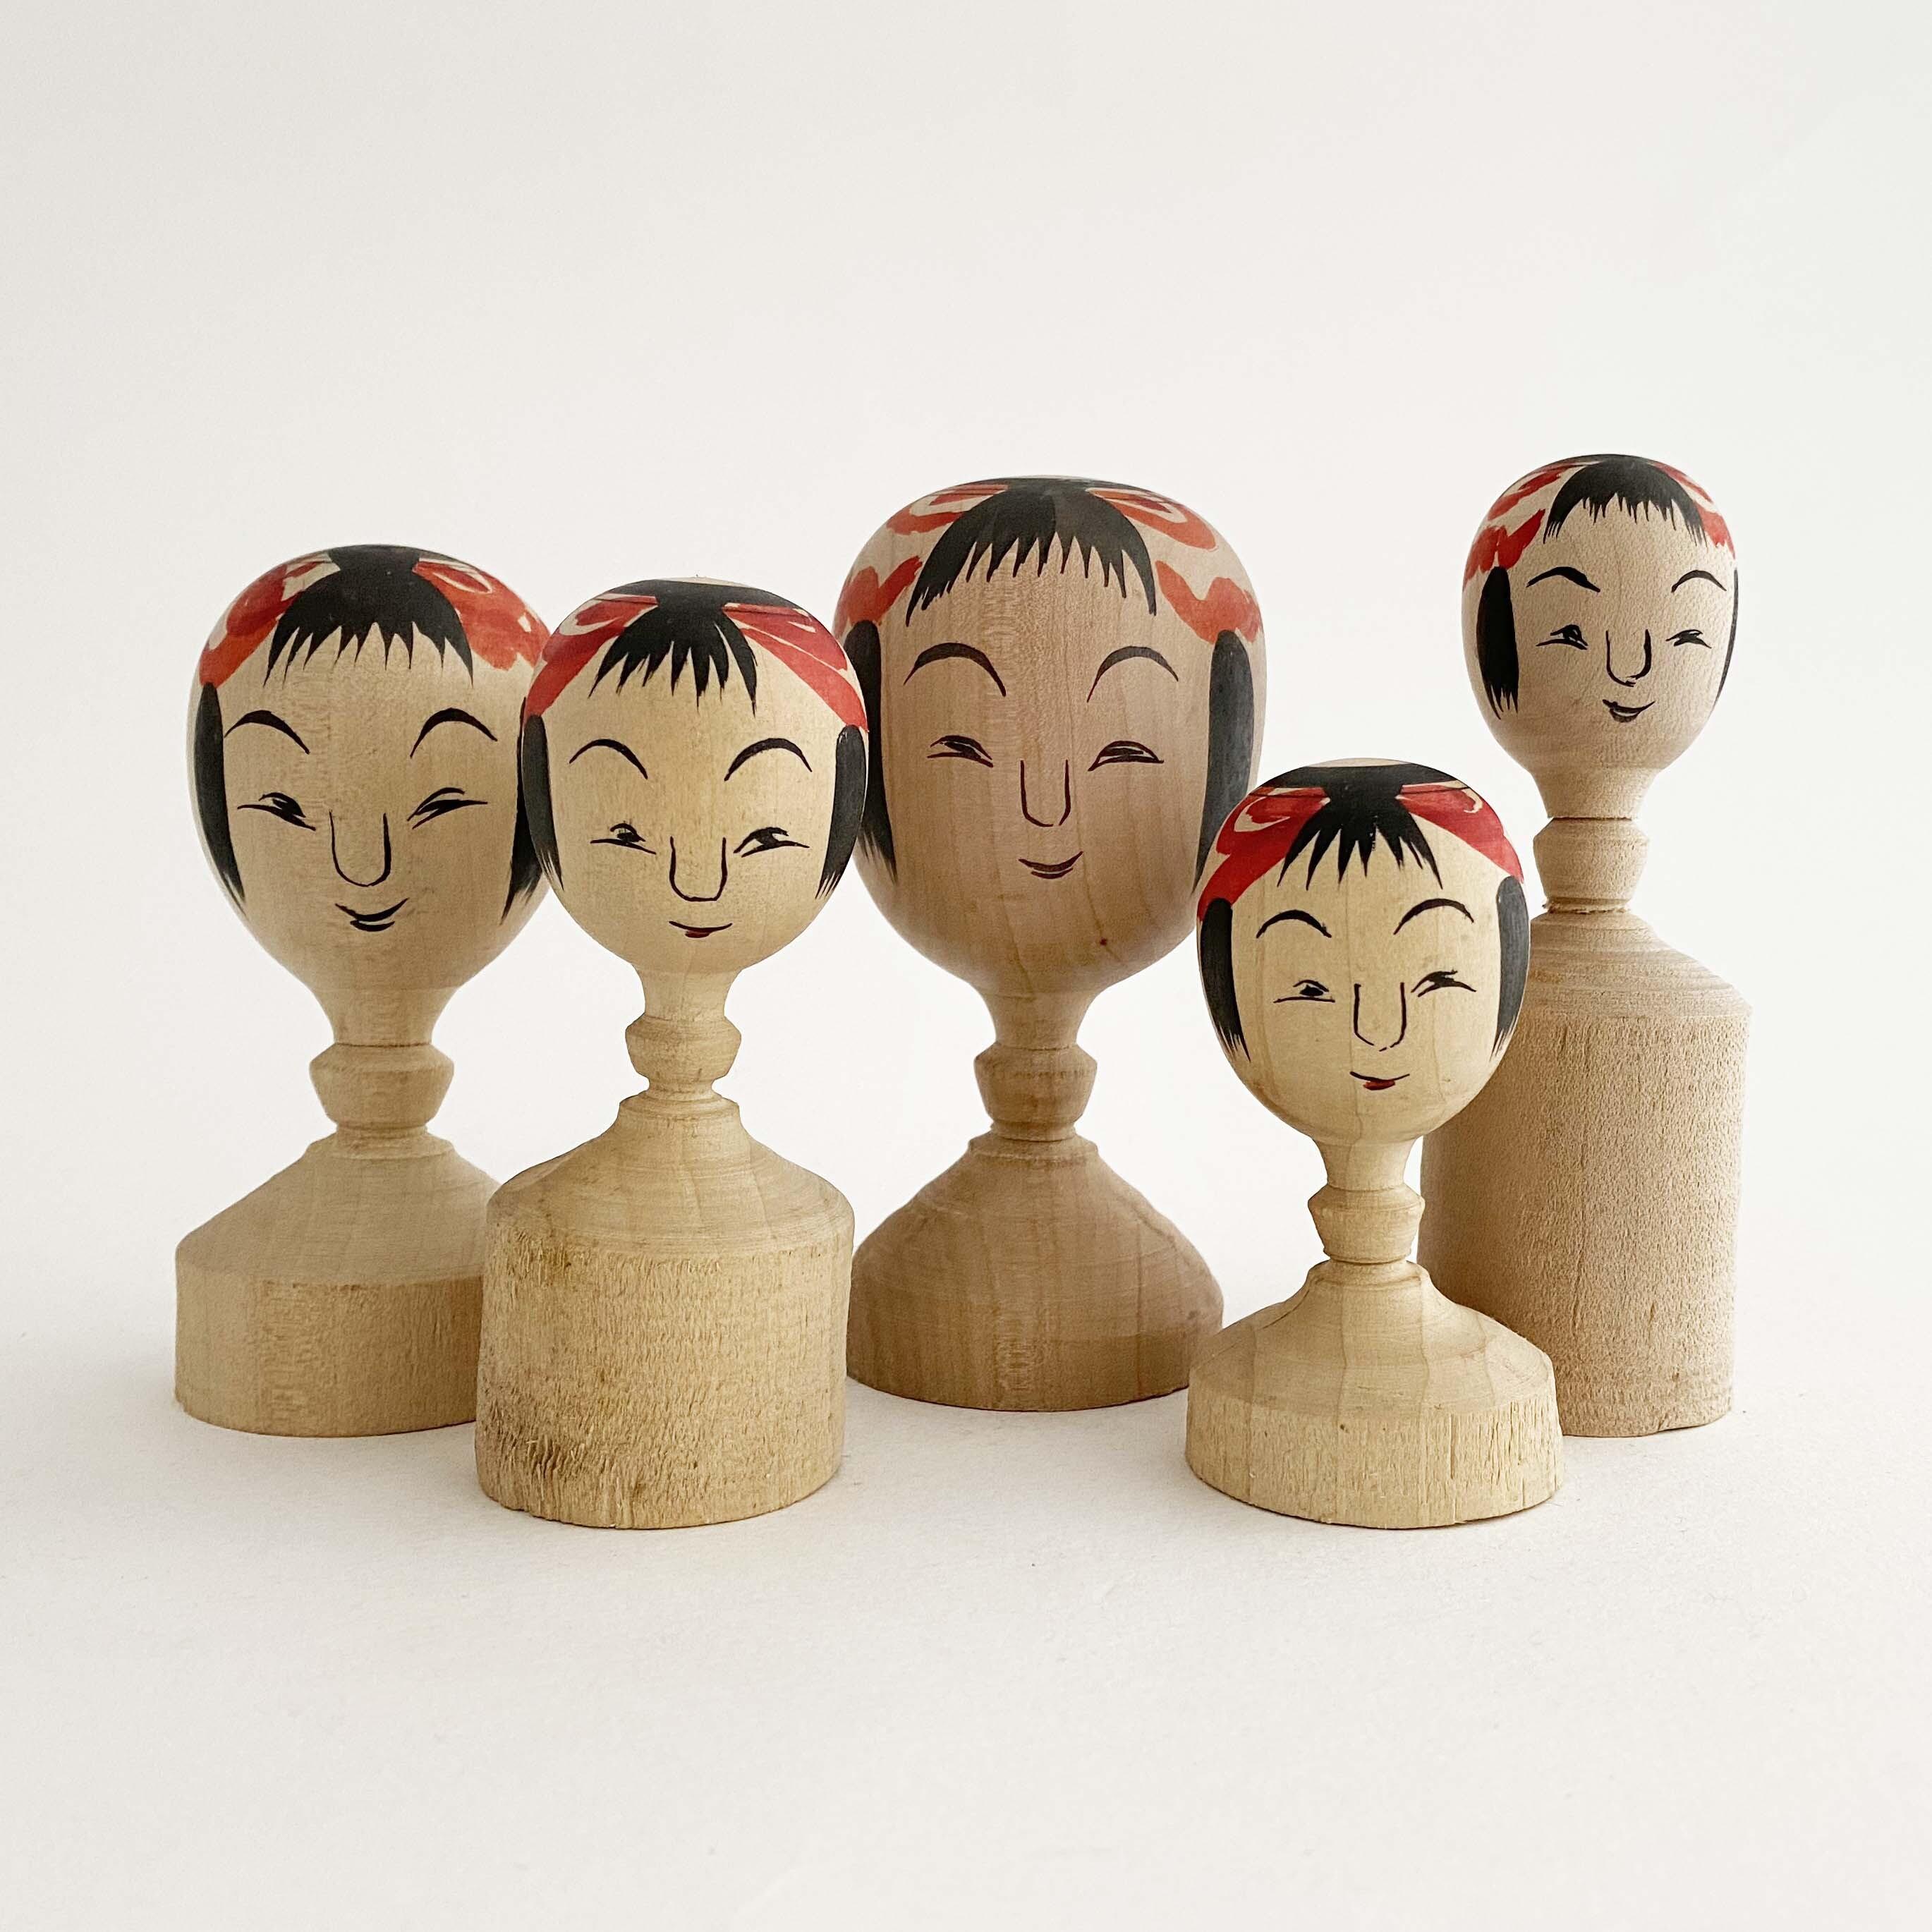 こけし木地玩具「首人形」(竹石秀徳工人作)